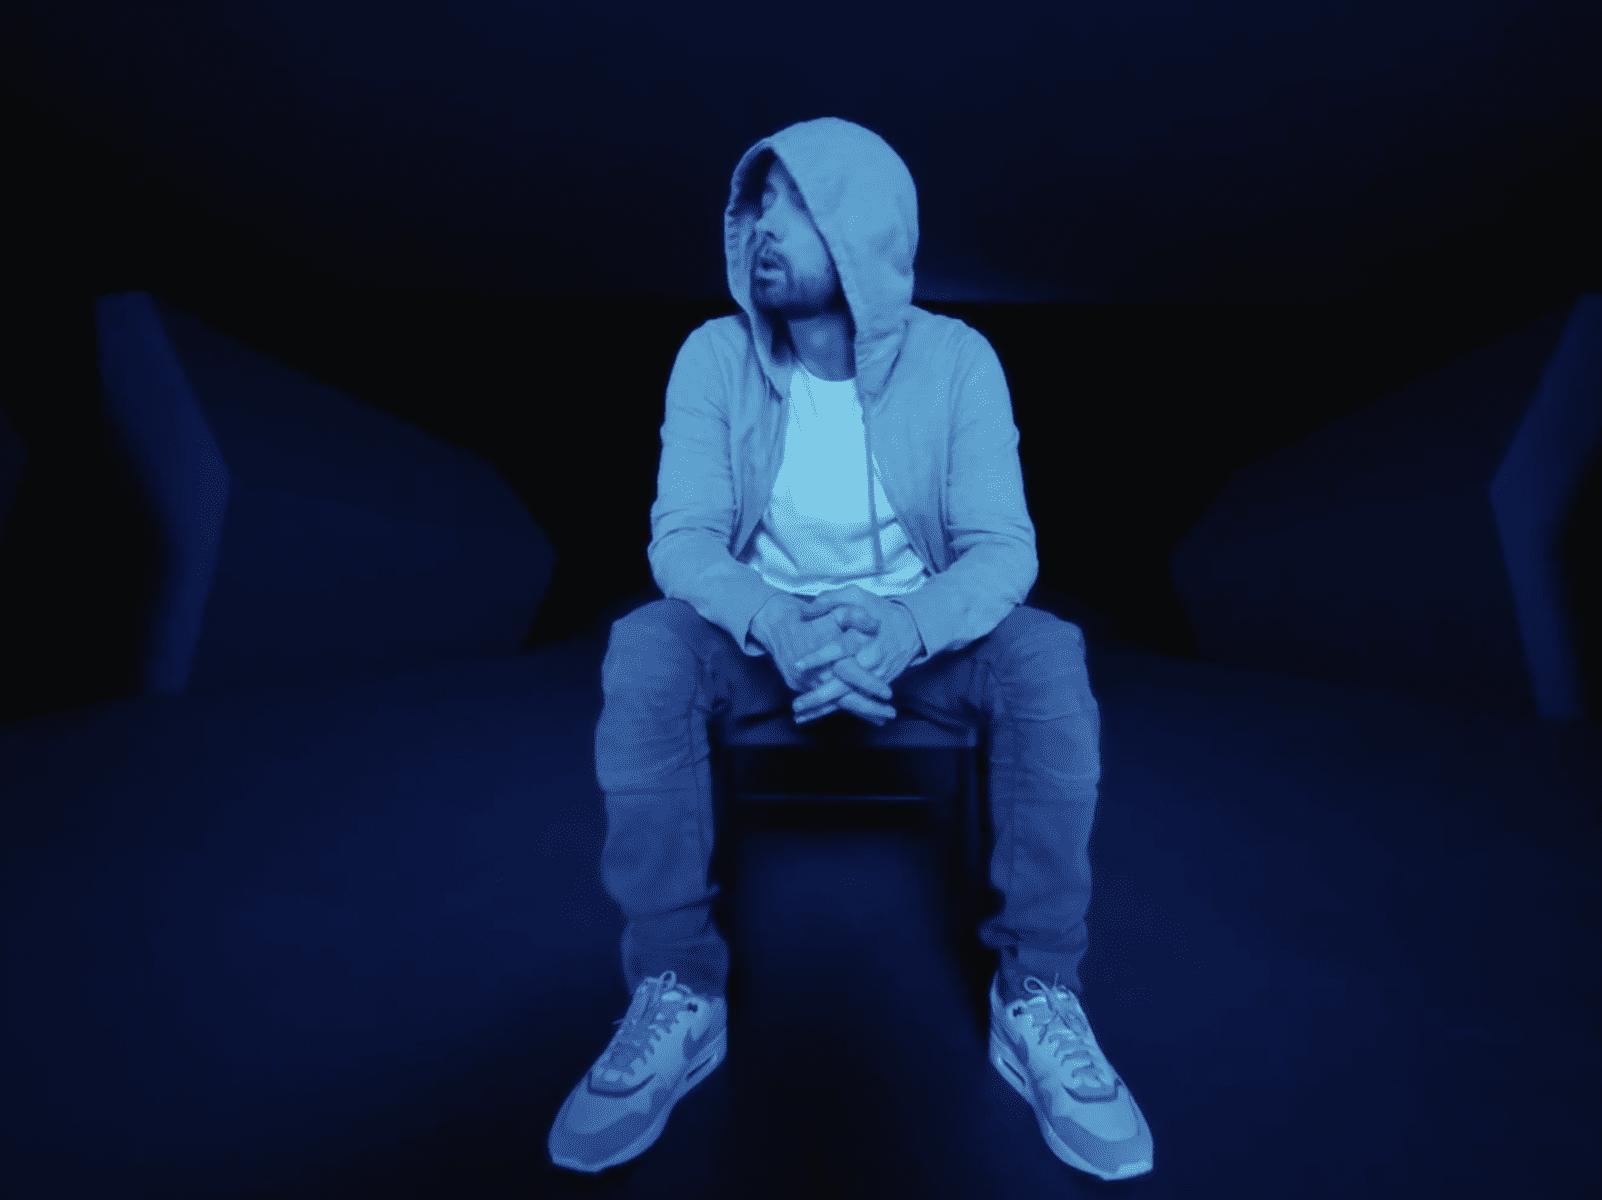 Eminem Darkness Video